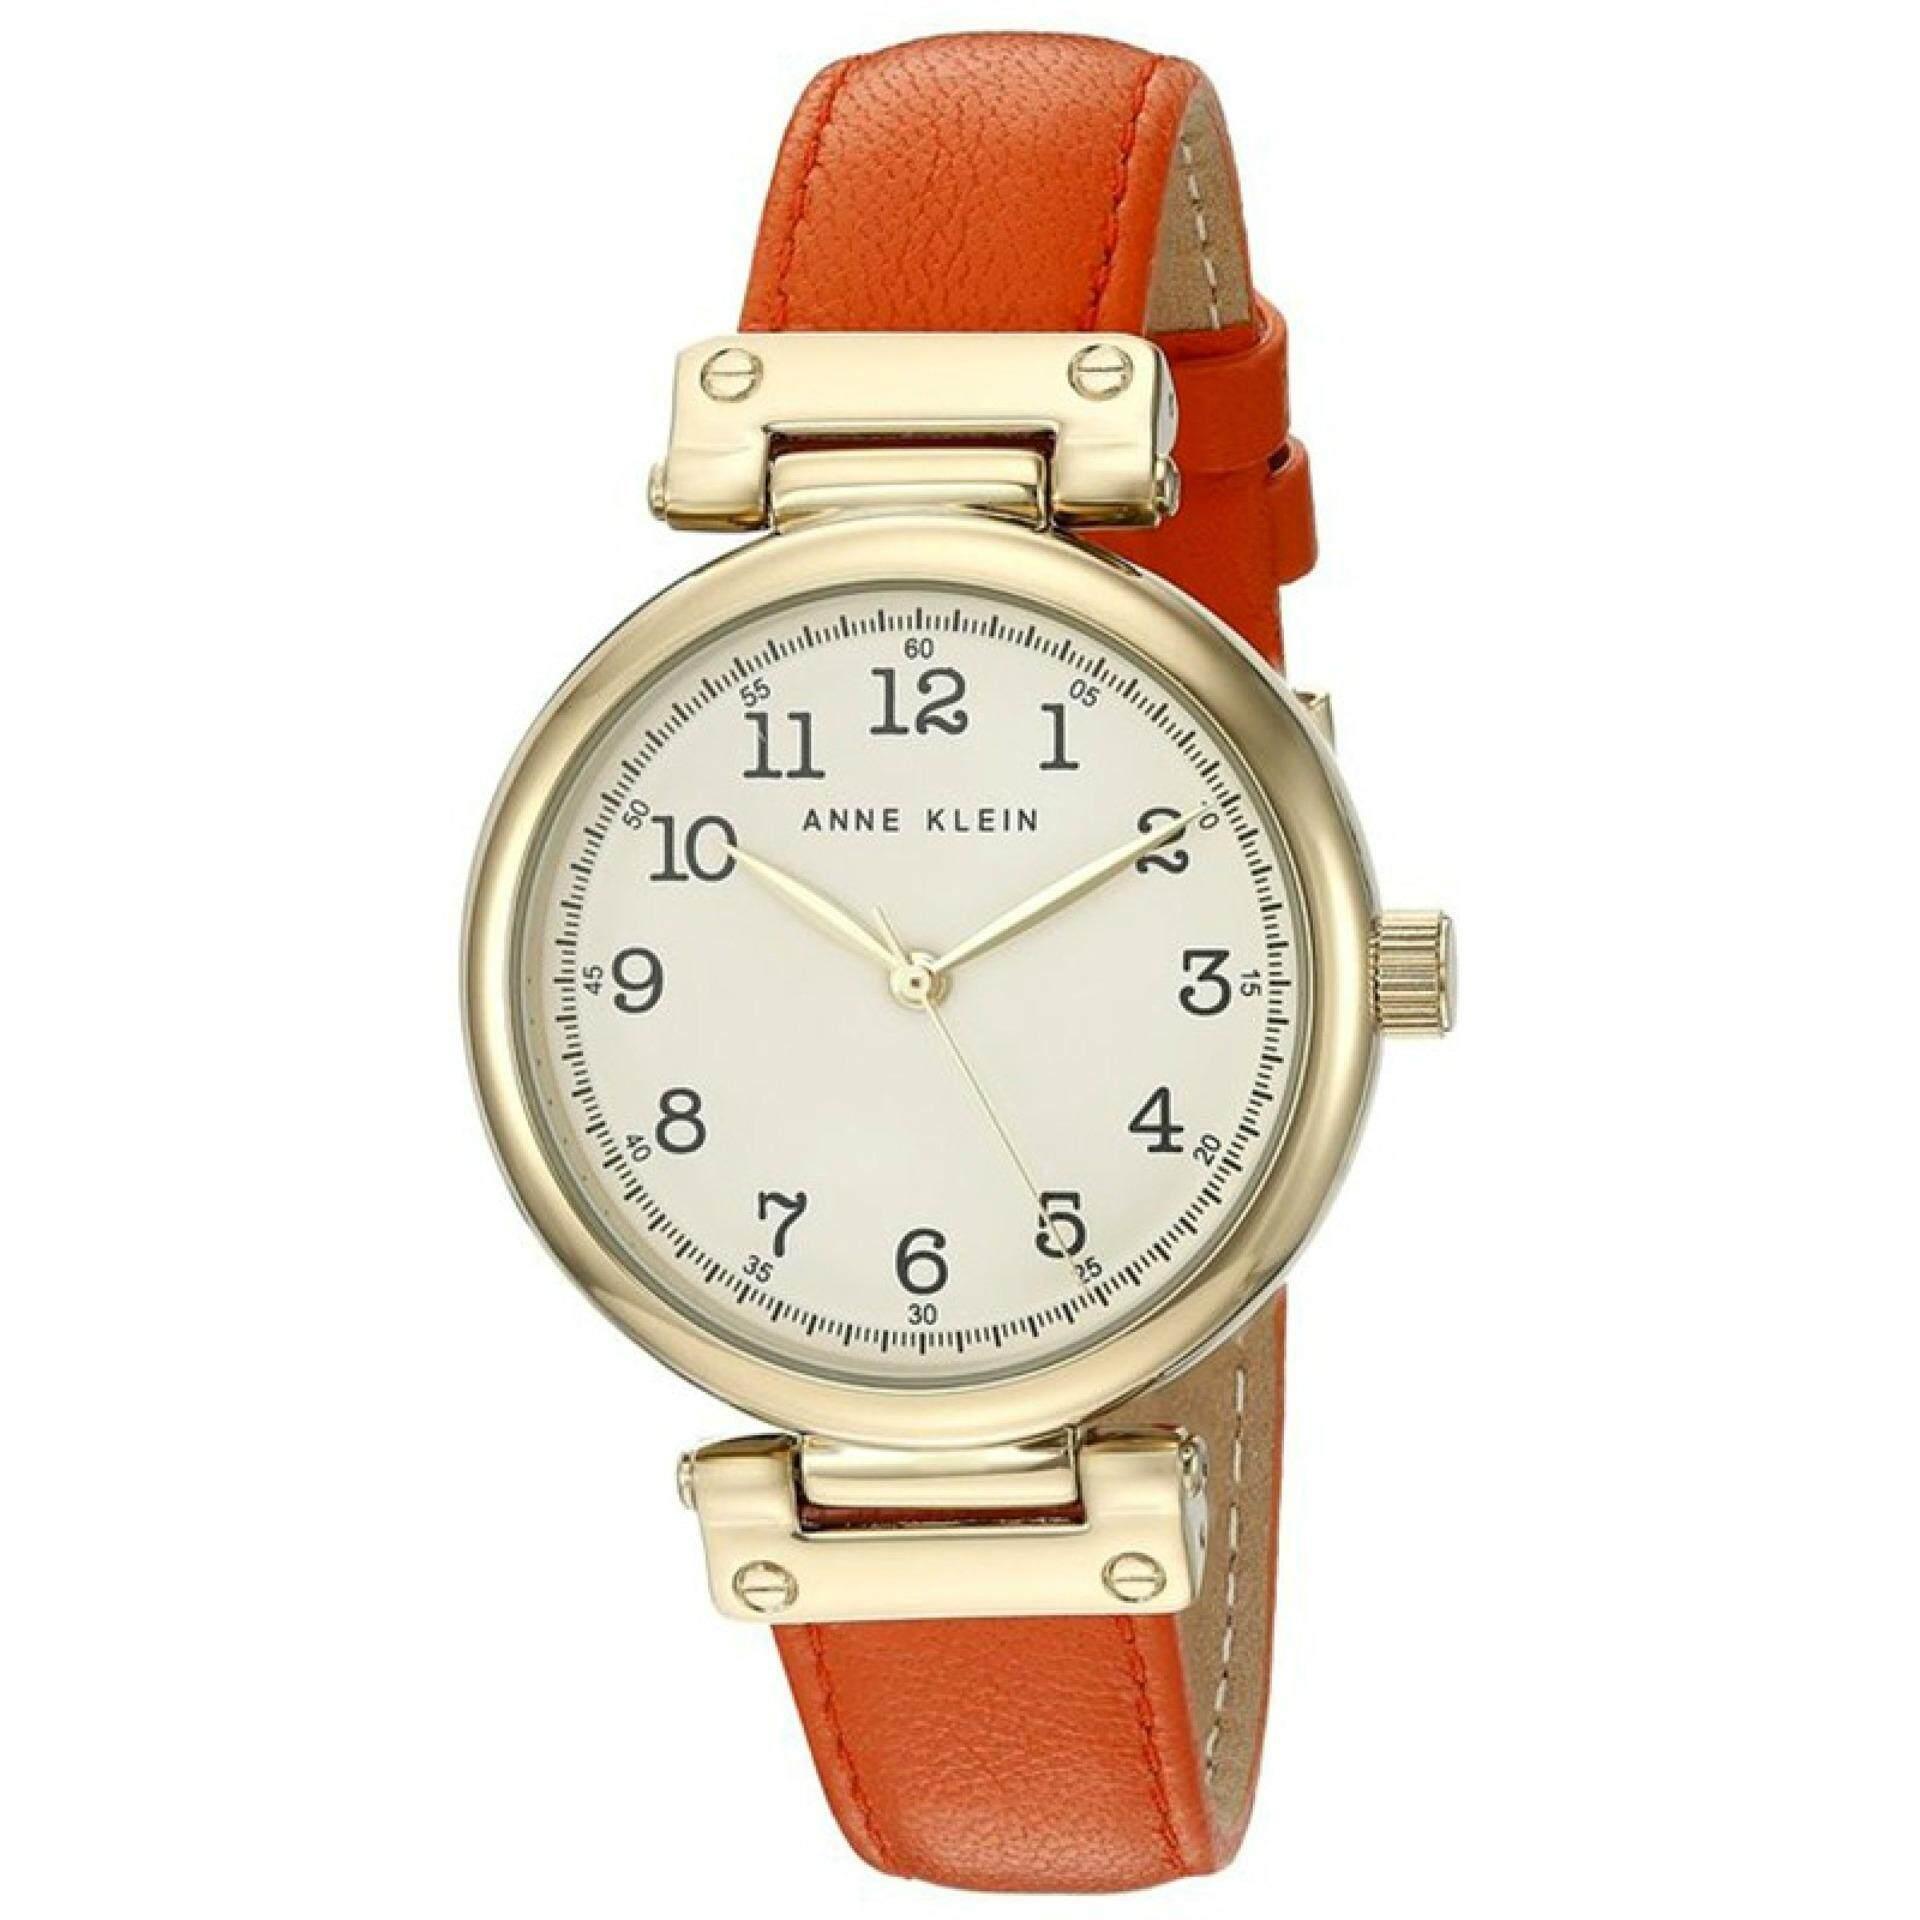 ขาย Anne Klein นาฬิกาข้อมือผู้หญิง รุ่น Ak2252Cror ออนไลน์